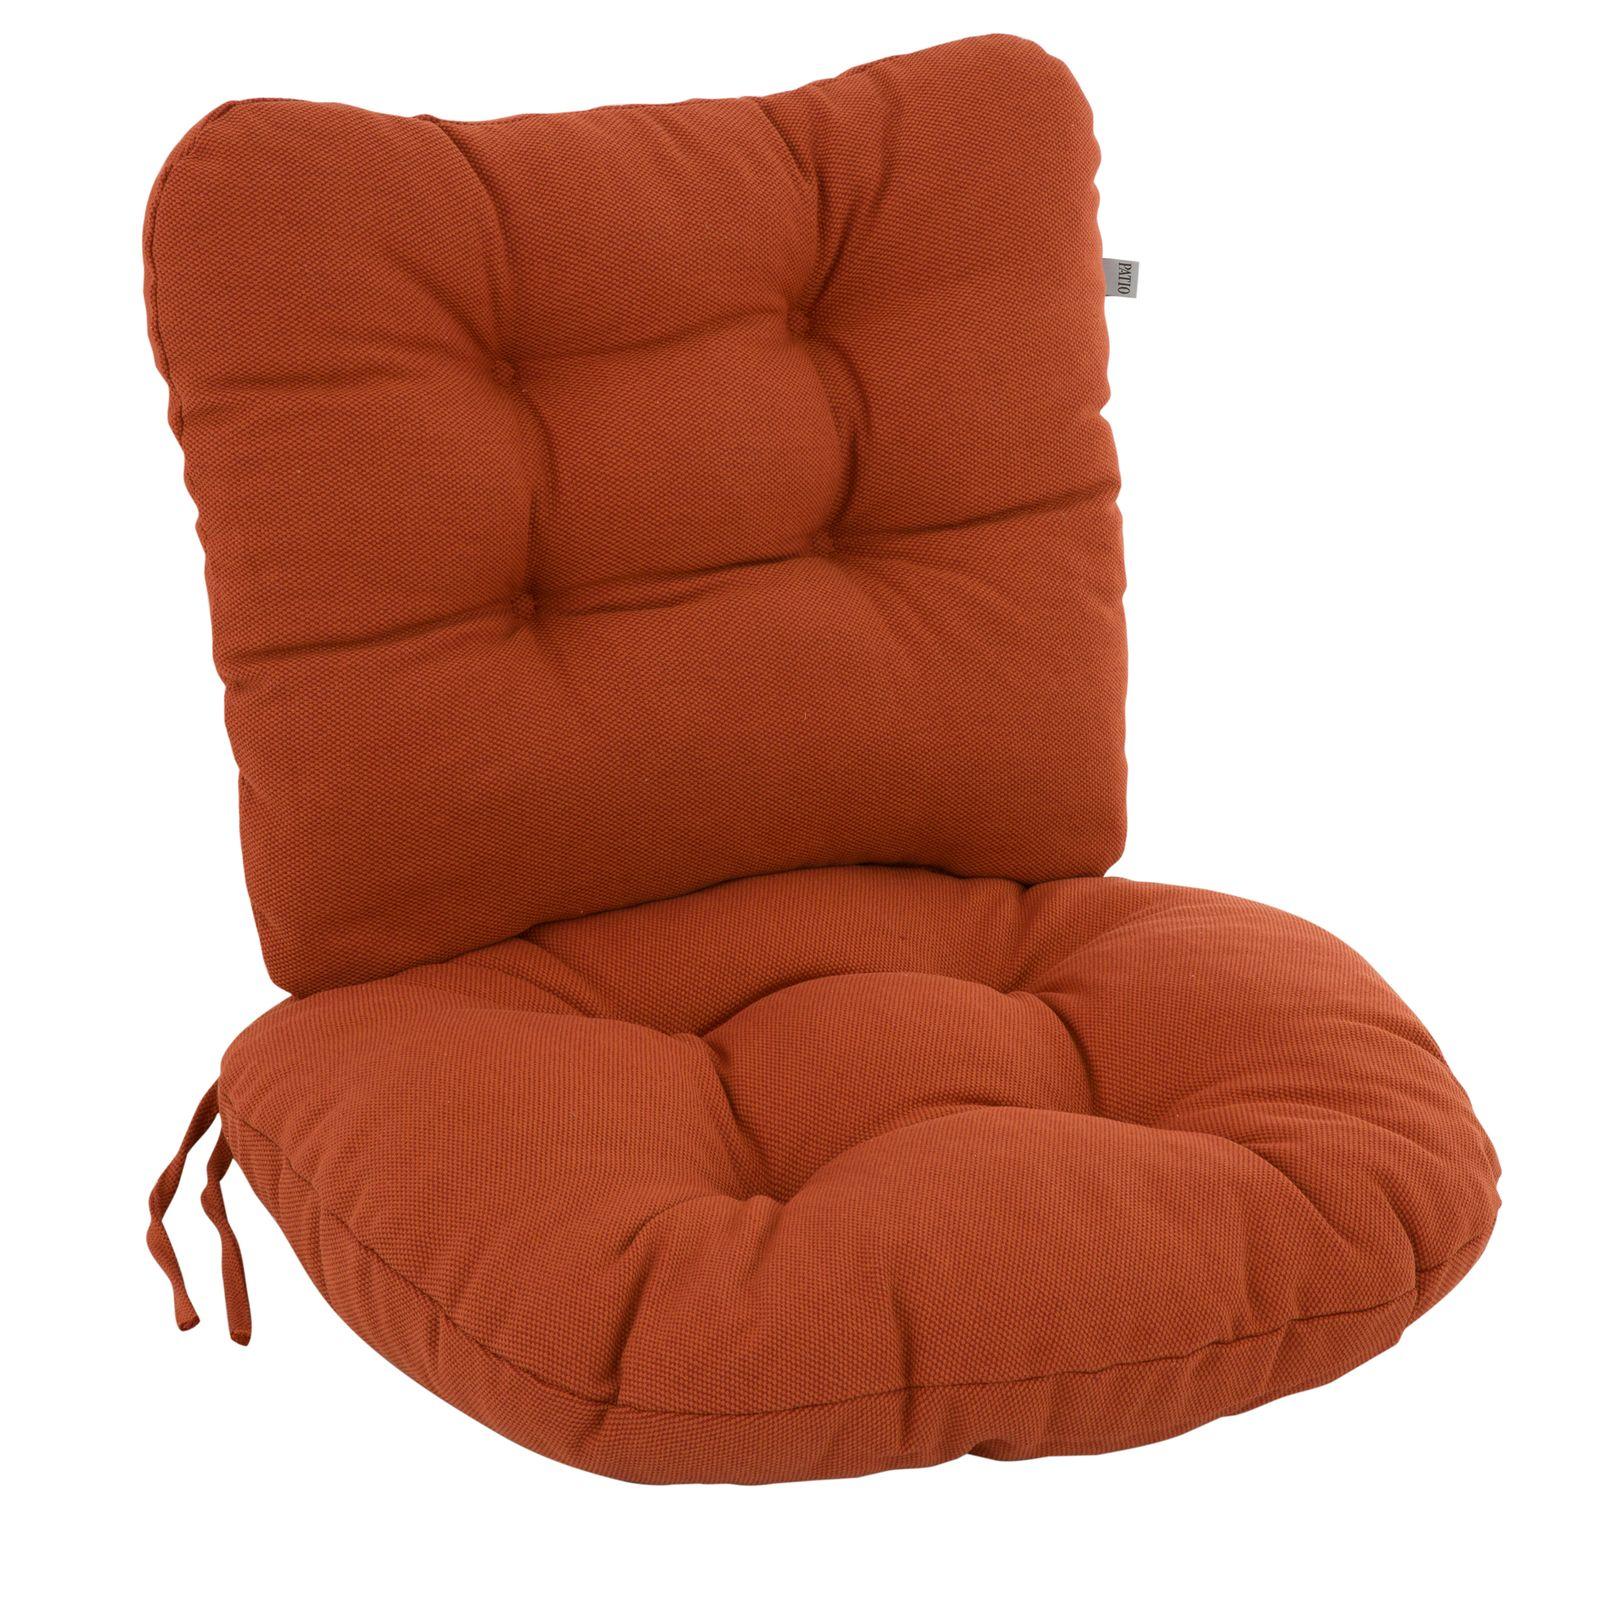 Poduszki na fotel 55 cm Marocco D010-13BB PATIO